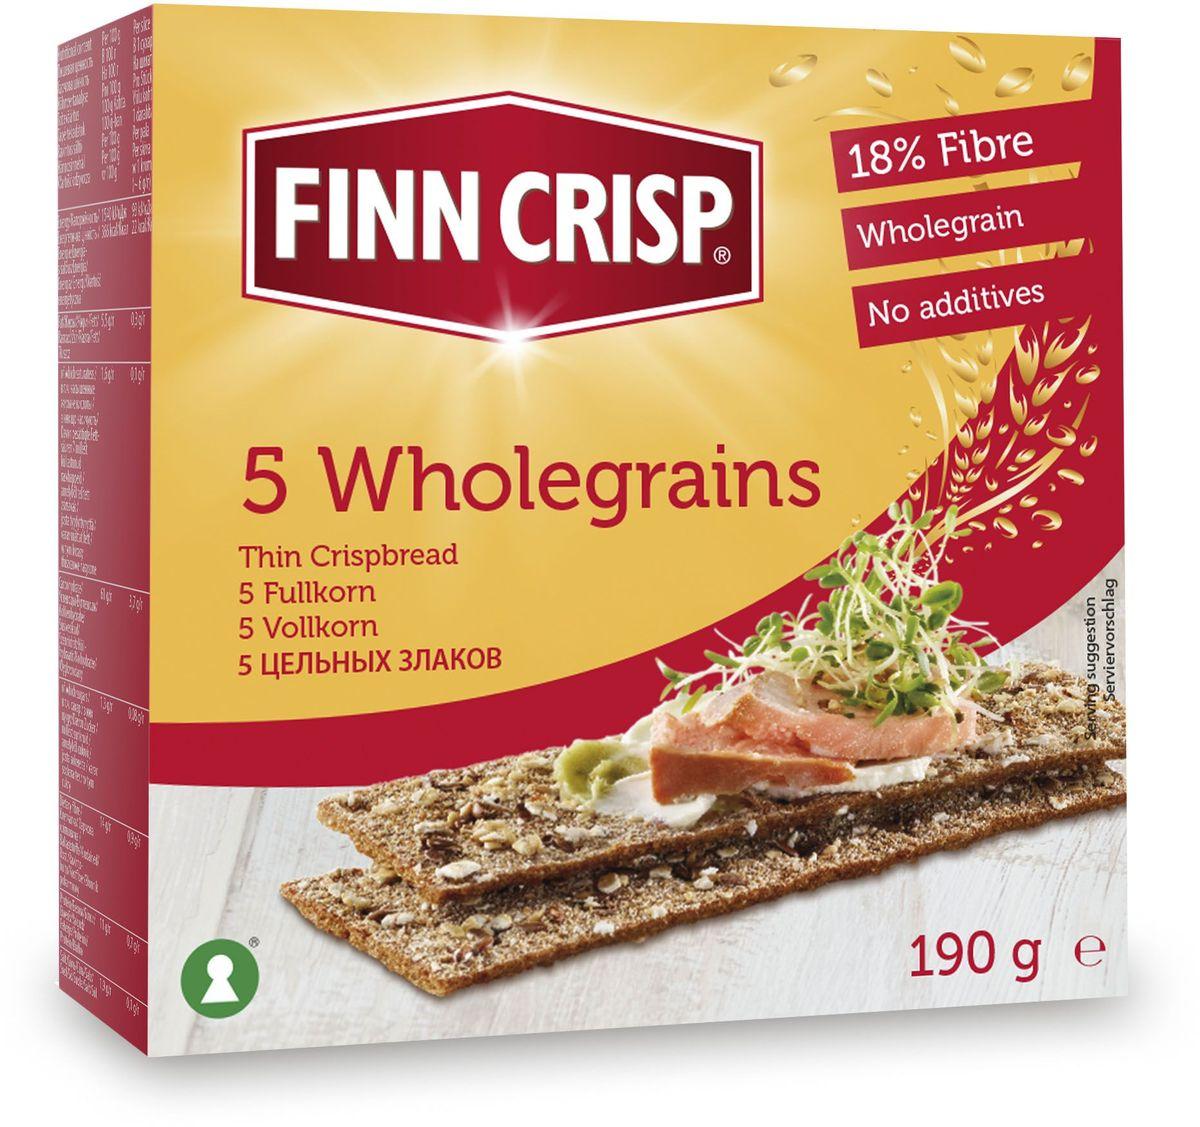 Finn Crisp 5 Wholegrain хлебцы 5 цельных злаков, 190 г20245В 1952 году началось производство сухариков FINN CRISP (ФИНН КРИСП), когда стартовали Олимпийские Игры в Хельсинки (Финляндия). Многие годы натуральные ржаные сухарики FINN CRISP отражают дух Финляндии для миллионов покупателей по всему миру, заботящихся о здоровом питании. Высушивать хлеб - давняя финская традиция и FINN CRISP до сих пор придерживаются этой традиции создавая хлебцы по старому классическому финскому рецепту. Бренд FINN CRISP принадлежит компании VAASAN Group's. VAASAN - это крупнейшая хлебопекарная компания в Балтийском регионе со столетней историей, занимающаяся производством продукции для правильного и здорового питания. Занимающая второе место по производству сухариков и хлебцев, а её продукция экспортируются в более чем 50 государств!